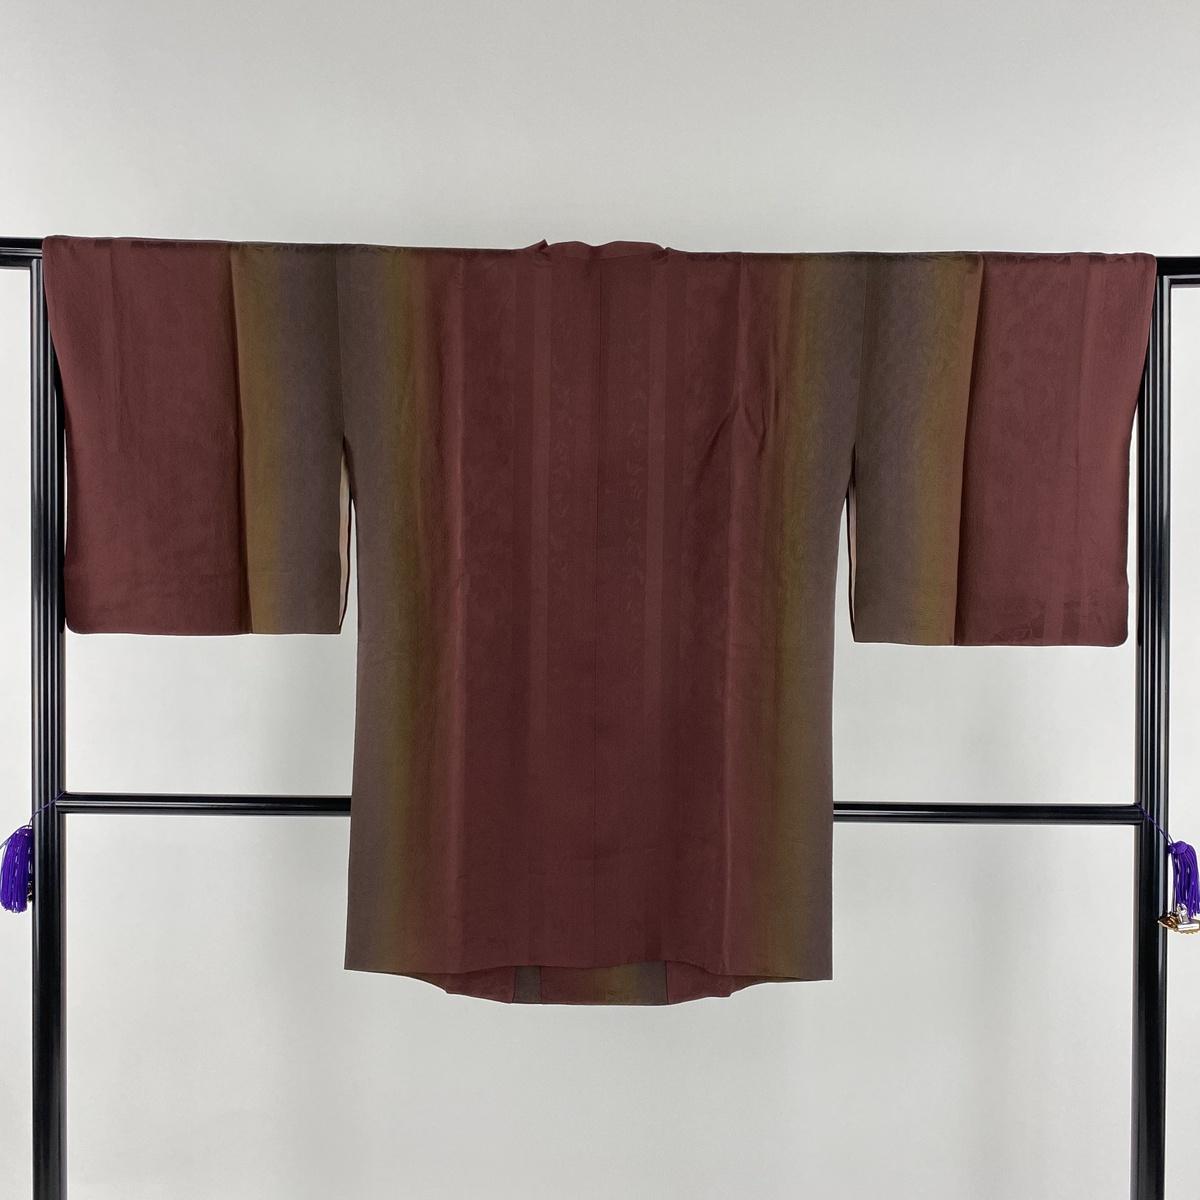 道行 美品 秀品 和装コート やまと 地紋 縦ぼかし えんじ色 身丈85cm 裄丈65.5cm M 正絹 【中古】